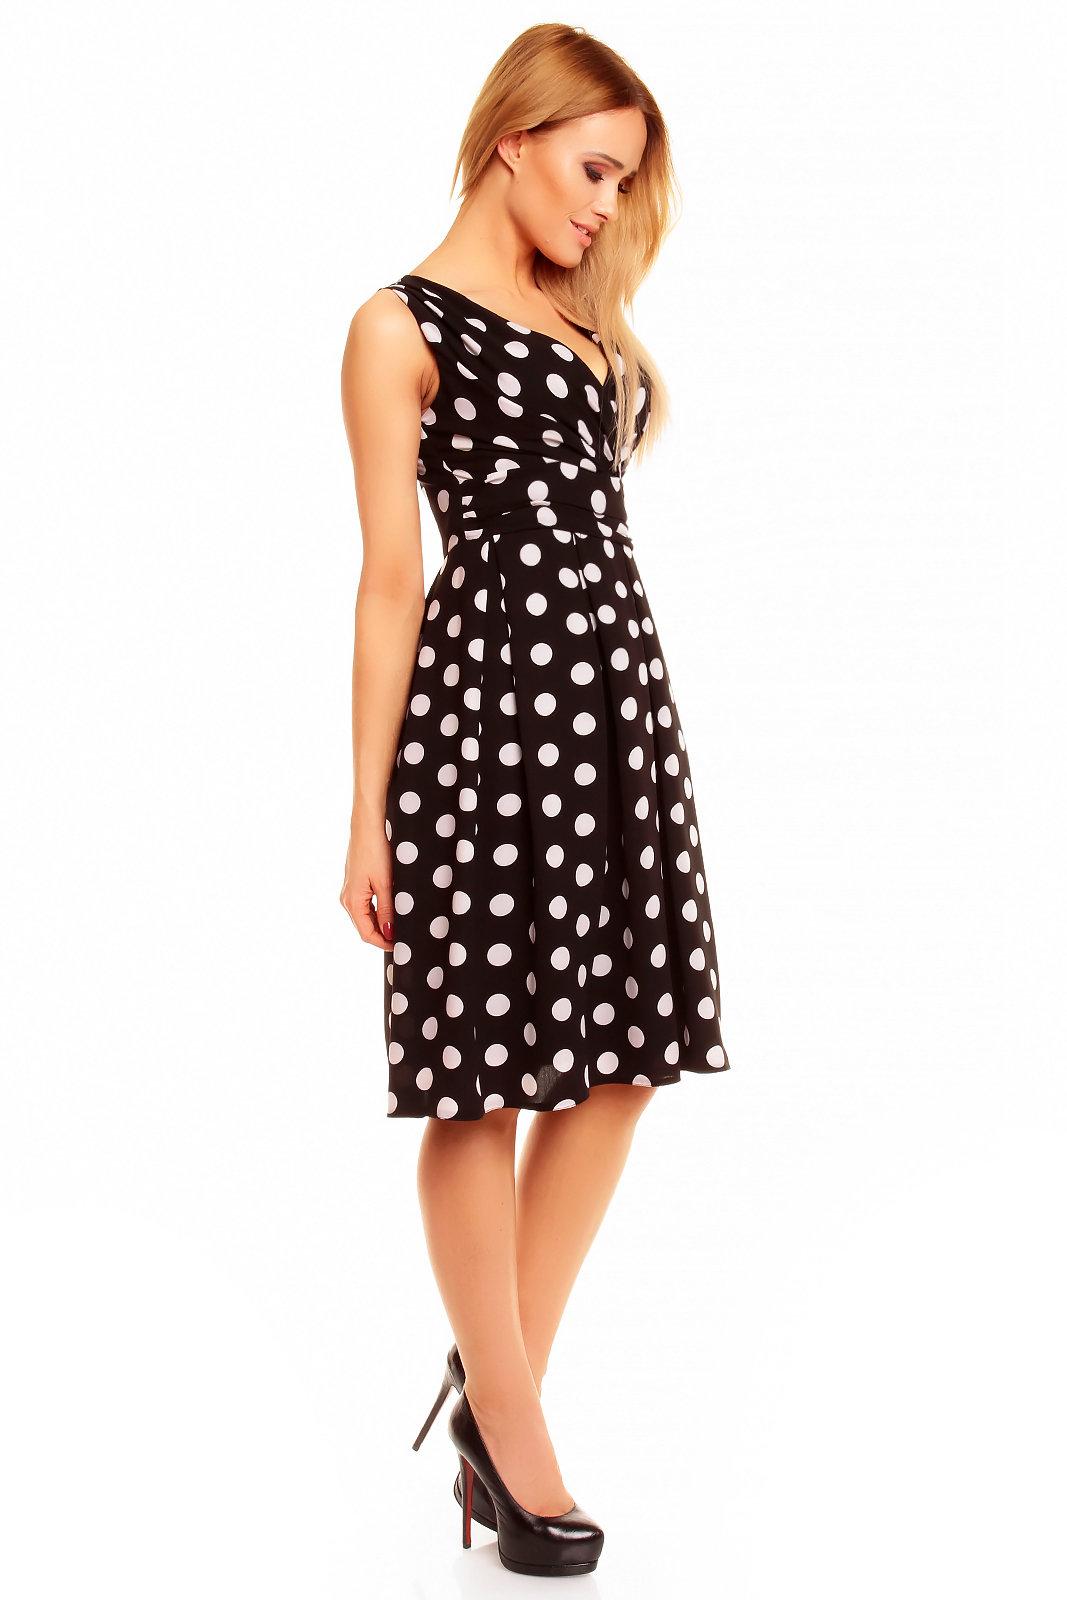 3129f35db4180ed ... женская одежда вечерние элегантные платья оптовая продажа производитель  в Польше